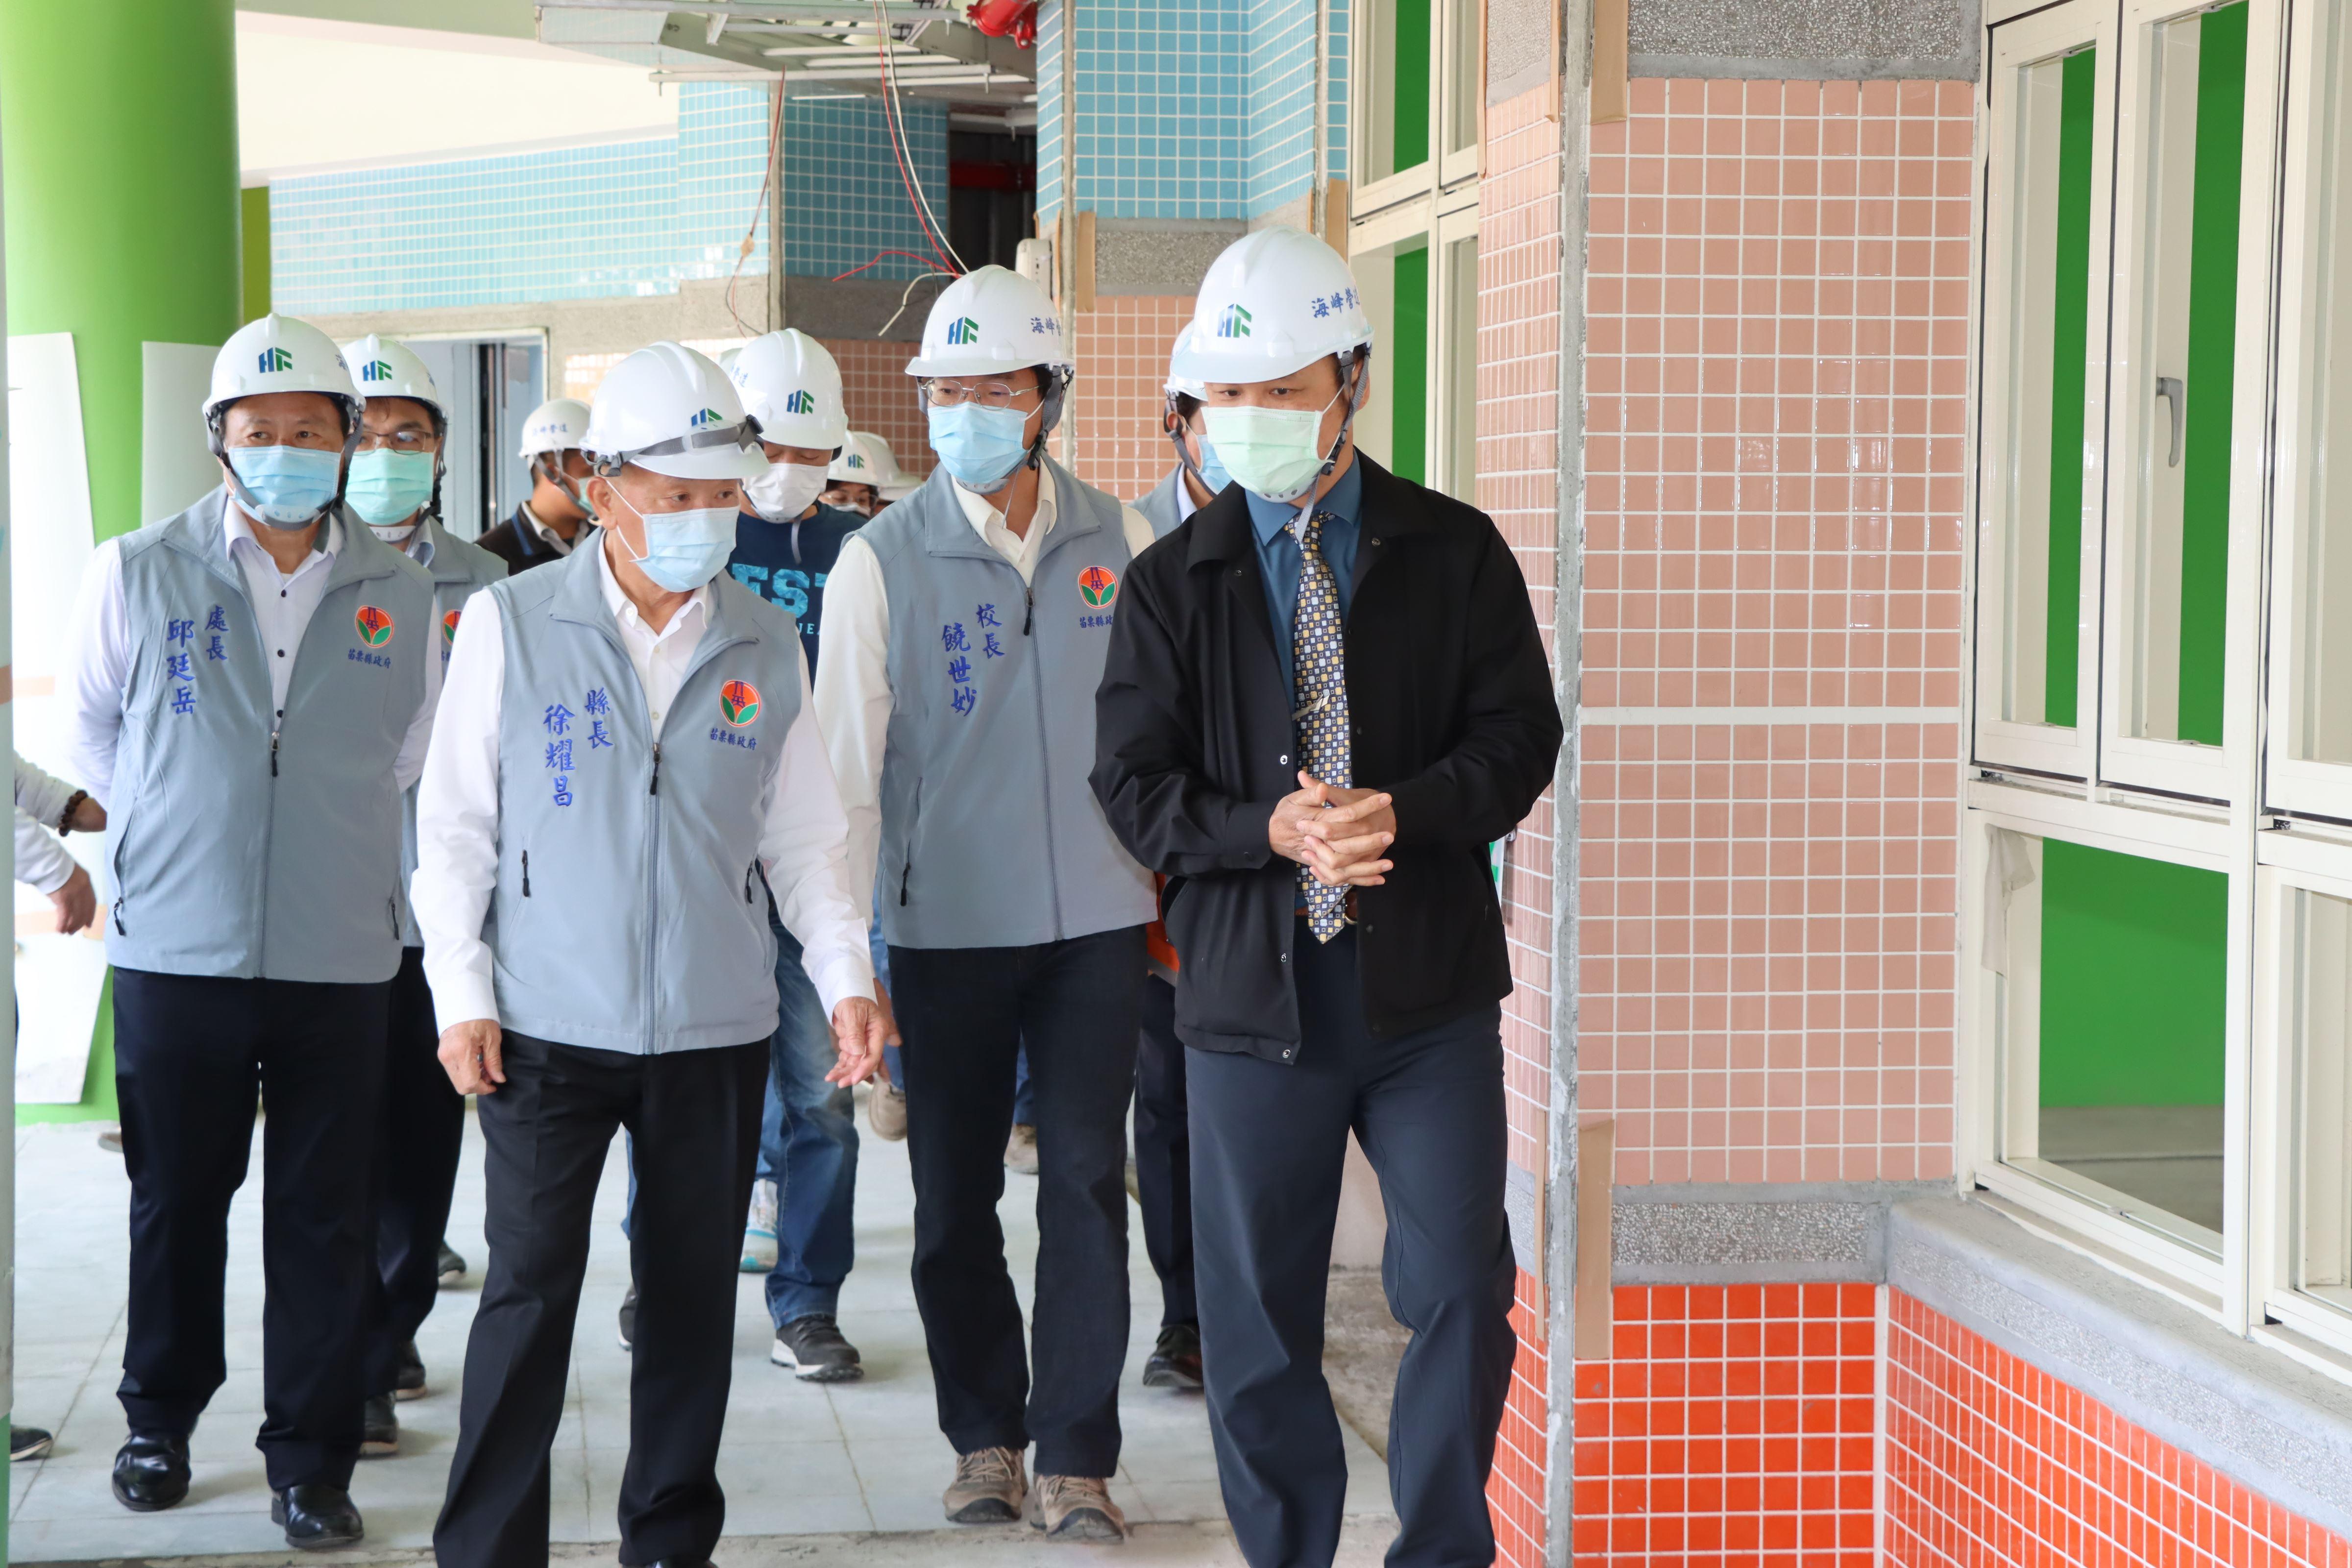 頭份市六合國小非營利幼兒園新建工程進度超前